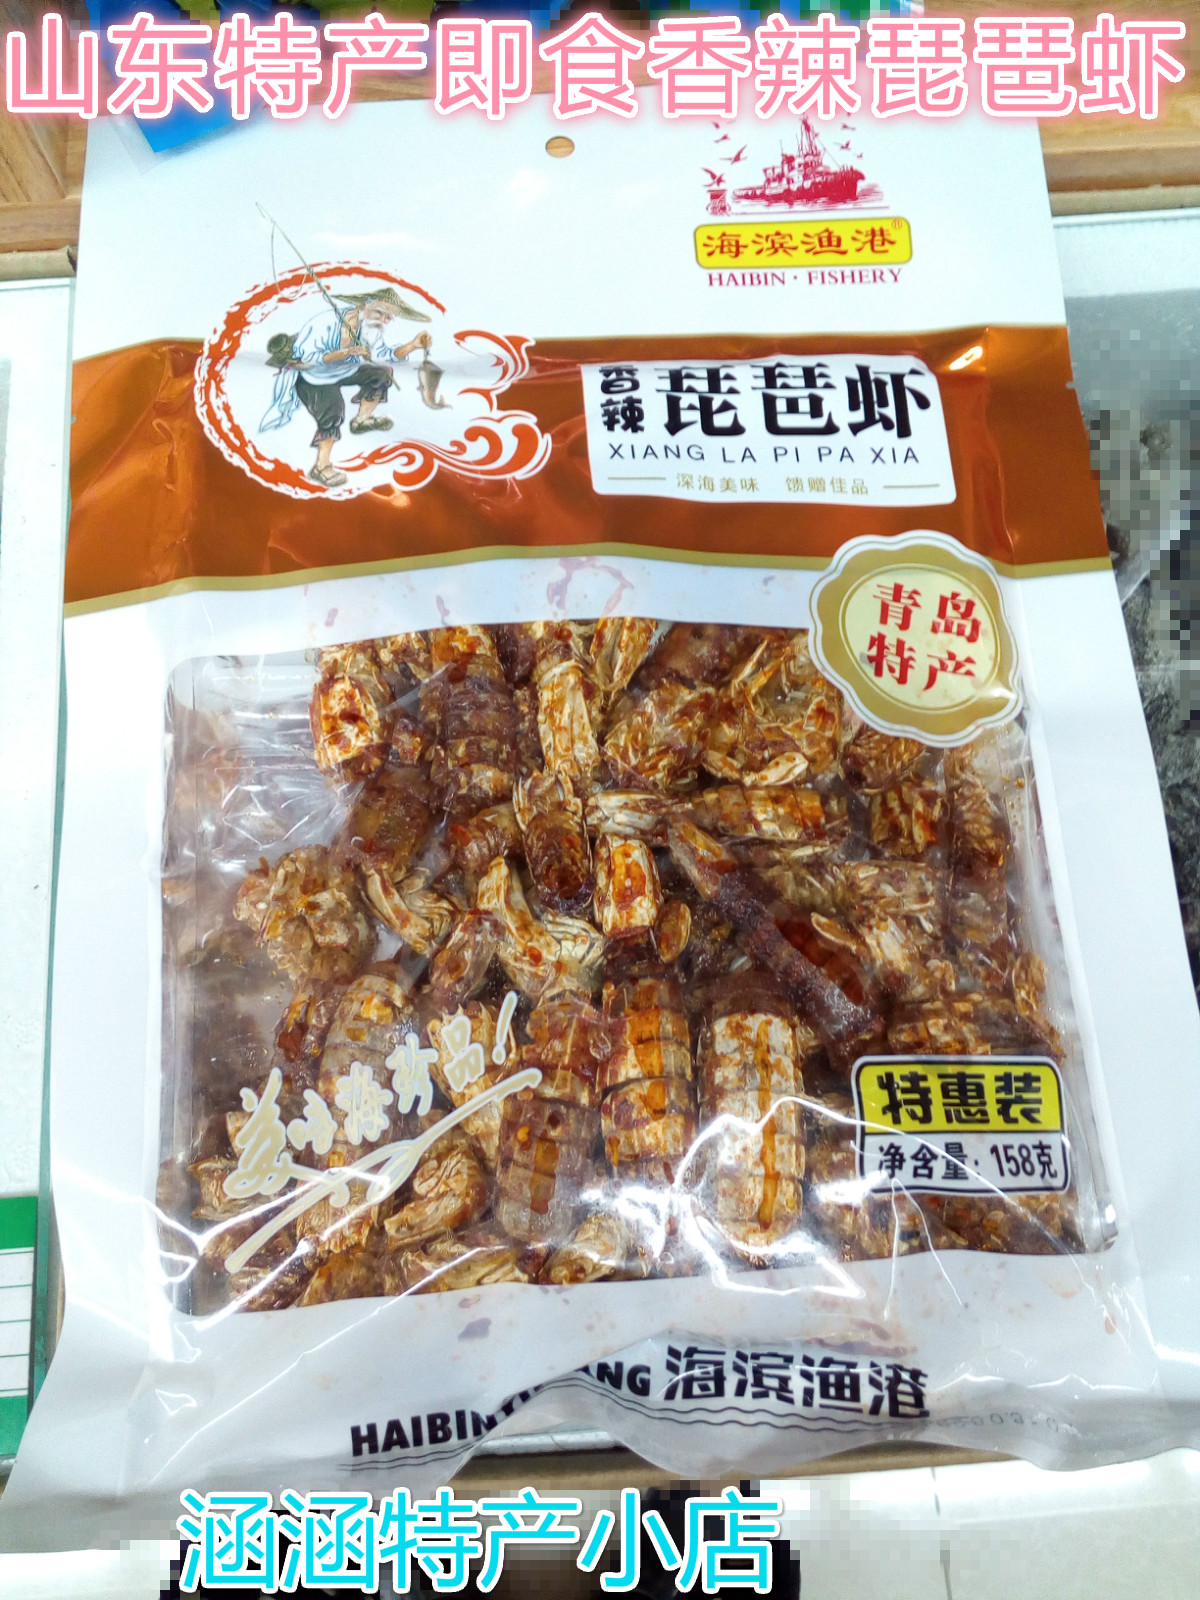 香辣皮皮虾青岛特产即食海零食158g特色海鲜小吃琵琶虾2袋包邮